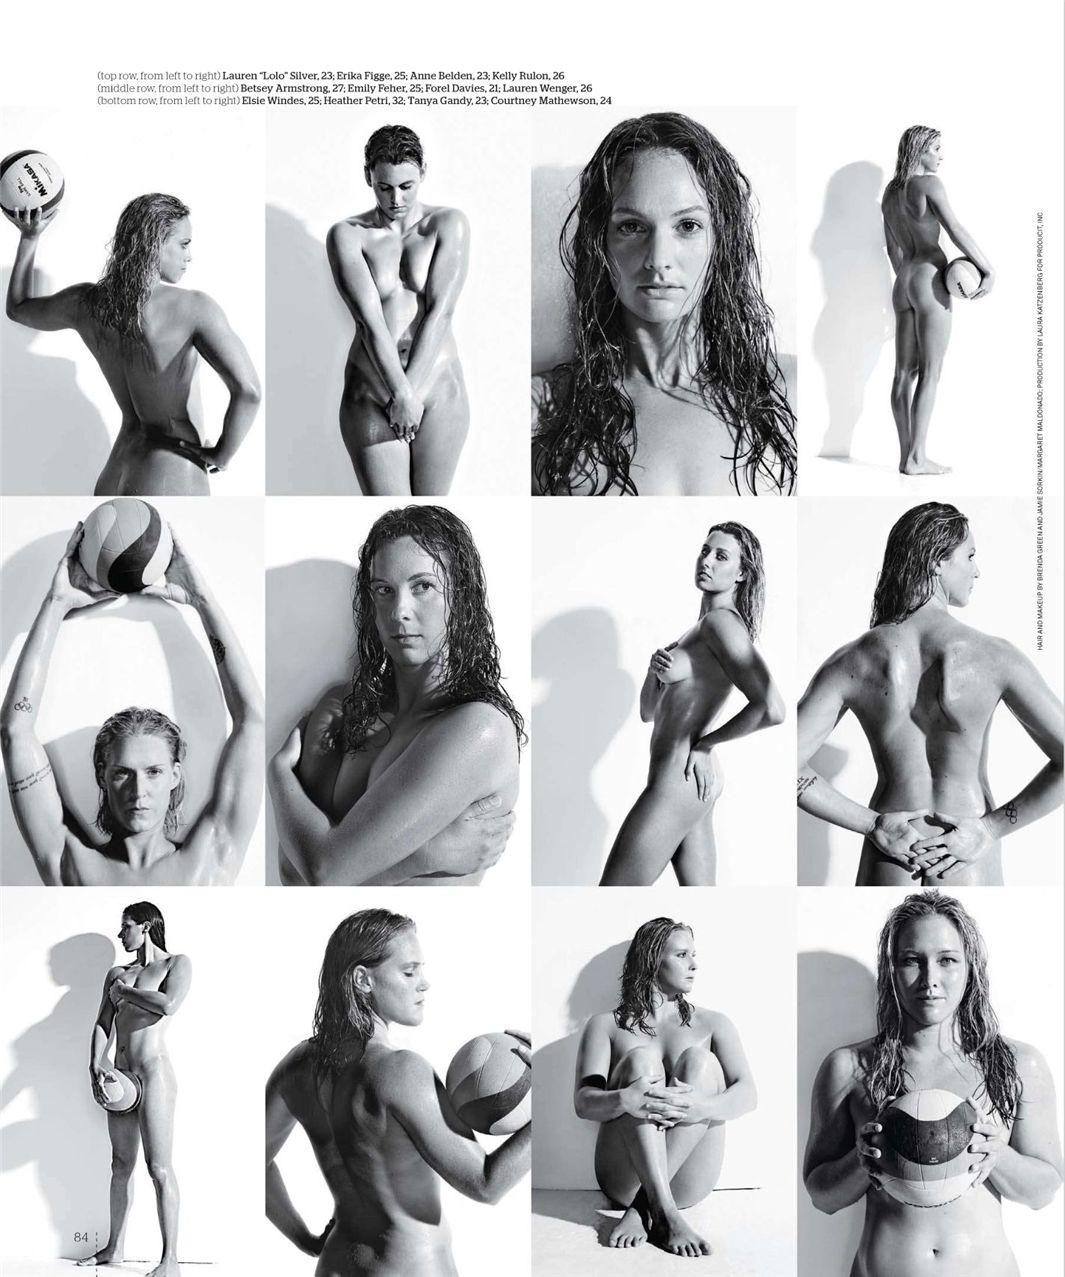 Женская сборная США по водному поло / USA Women Water Polo Team - ESPN Magazine Body Issue 18 october 2010